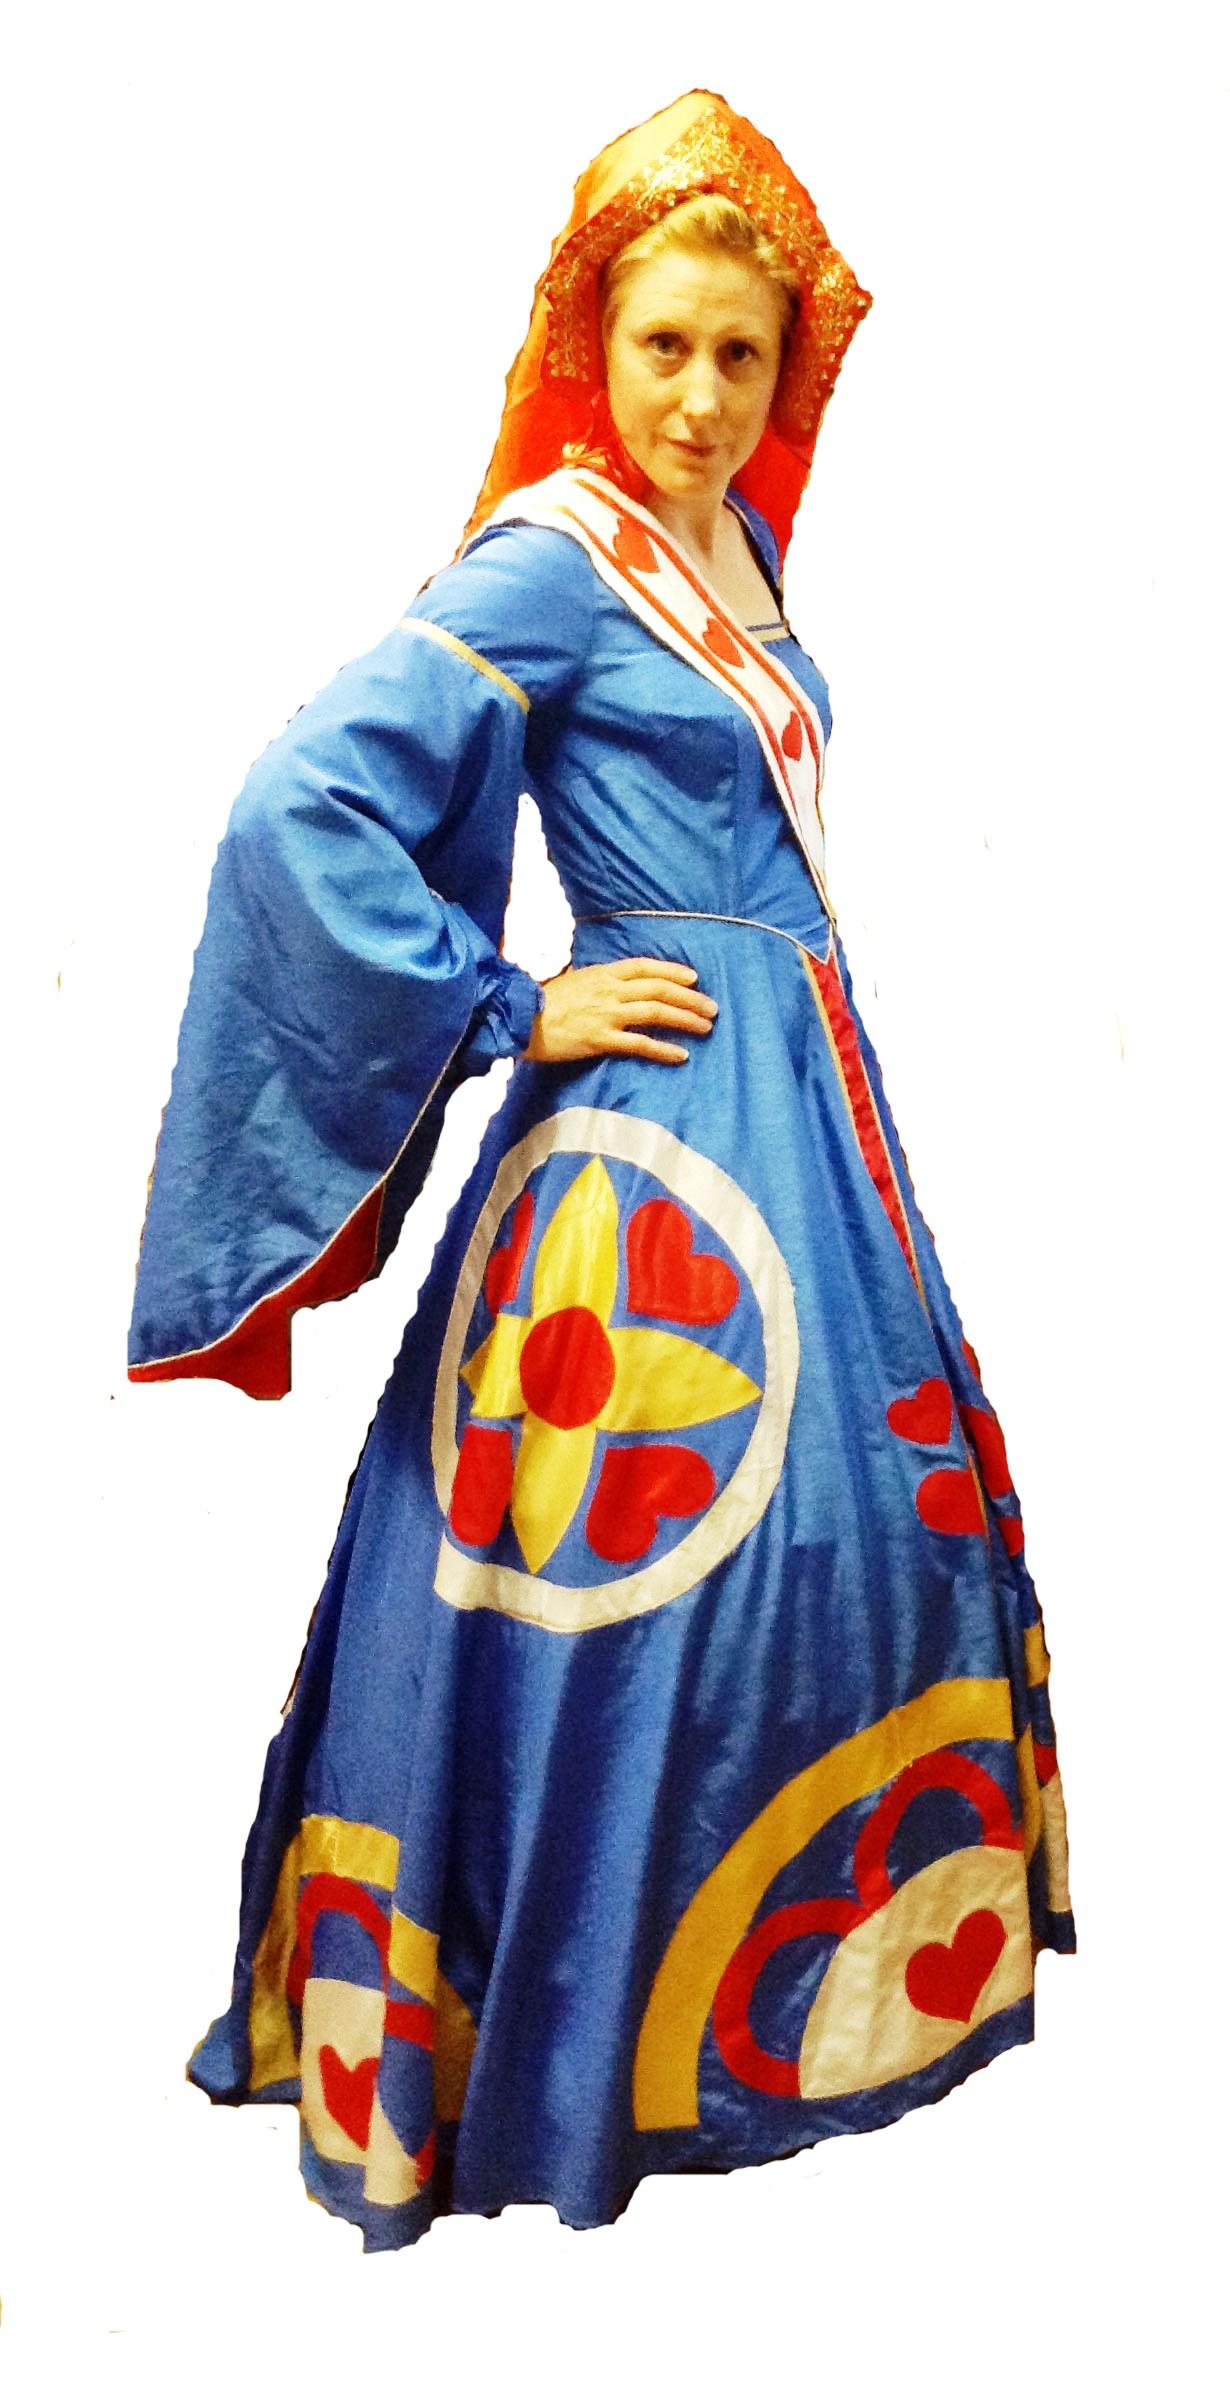 Blue_Queen_costume